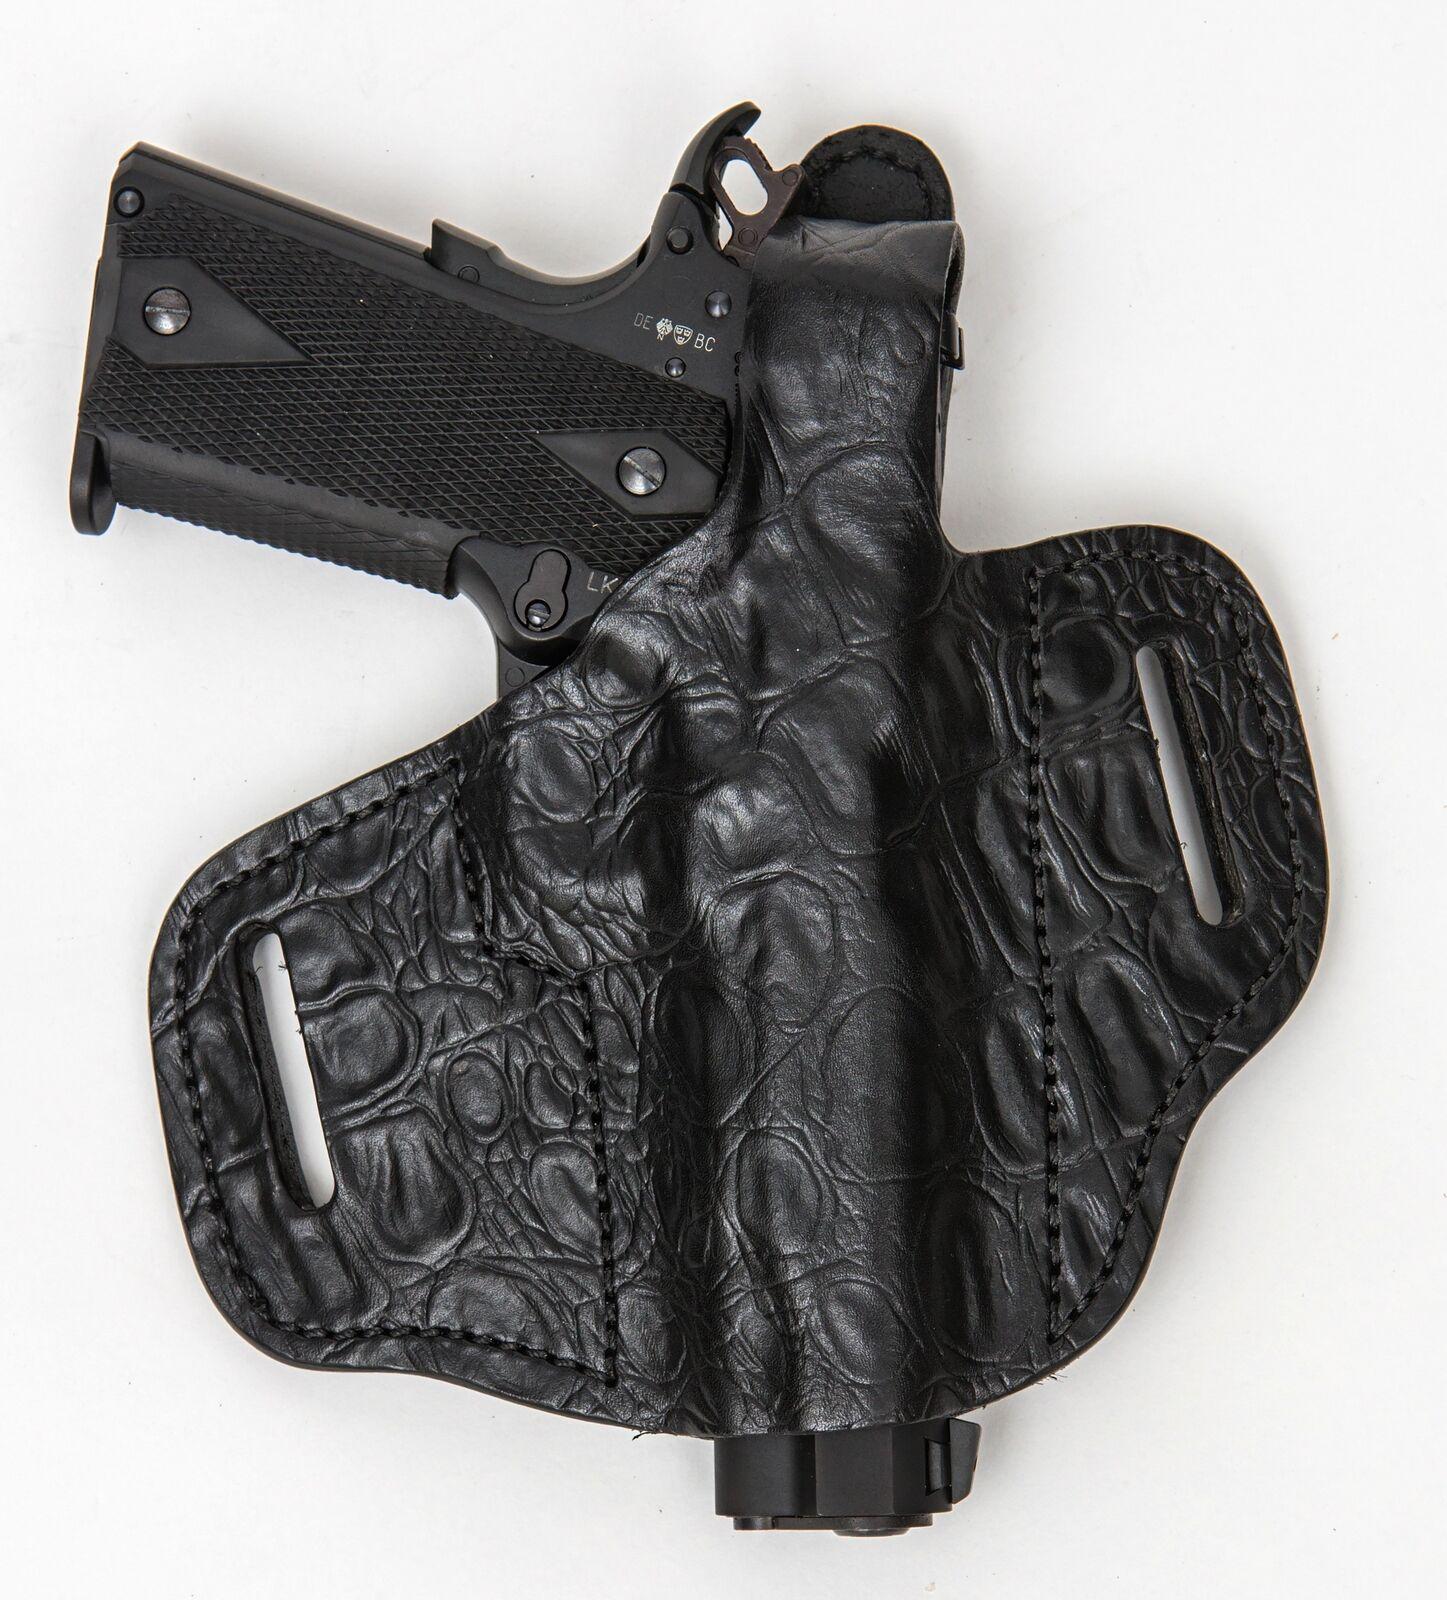 En servicio ocultar RH LH owb Cuero Funda Pistola para 1911 3.5